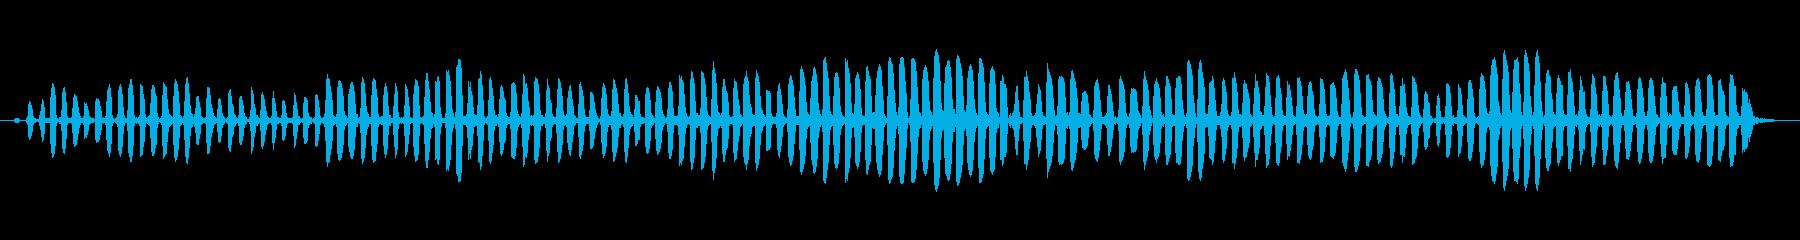 樹脂ひも摩擦:速い摩擦のきしみ音、...の再生済みの波形